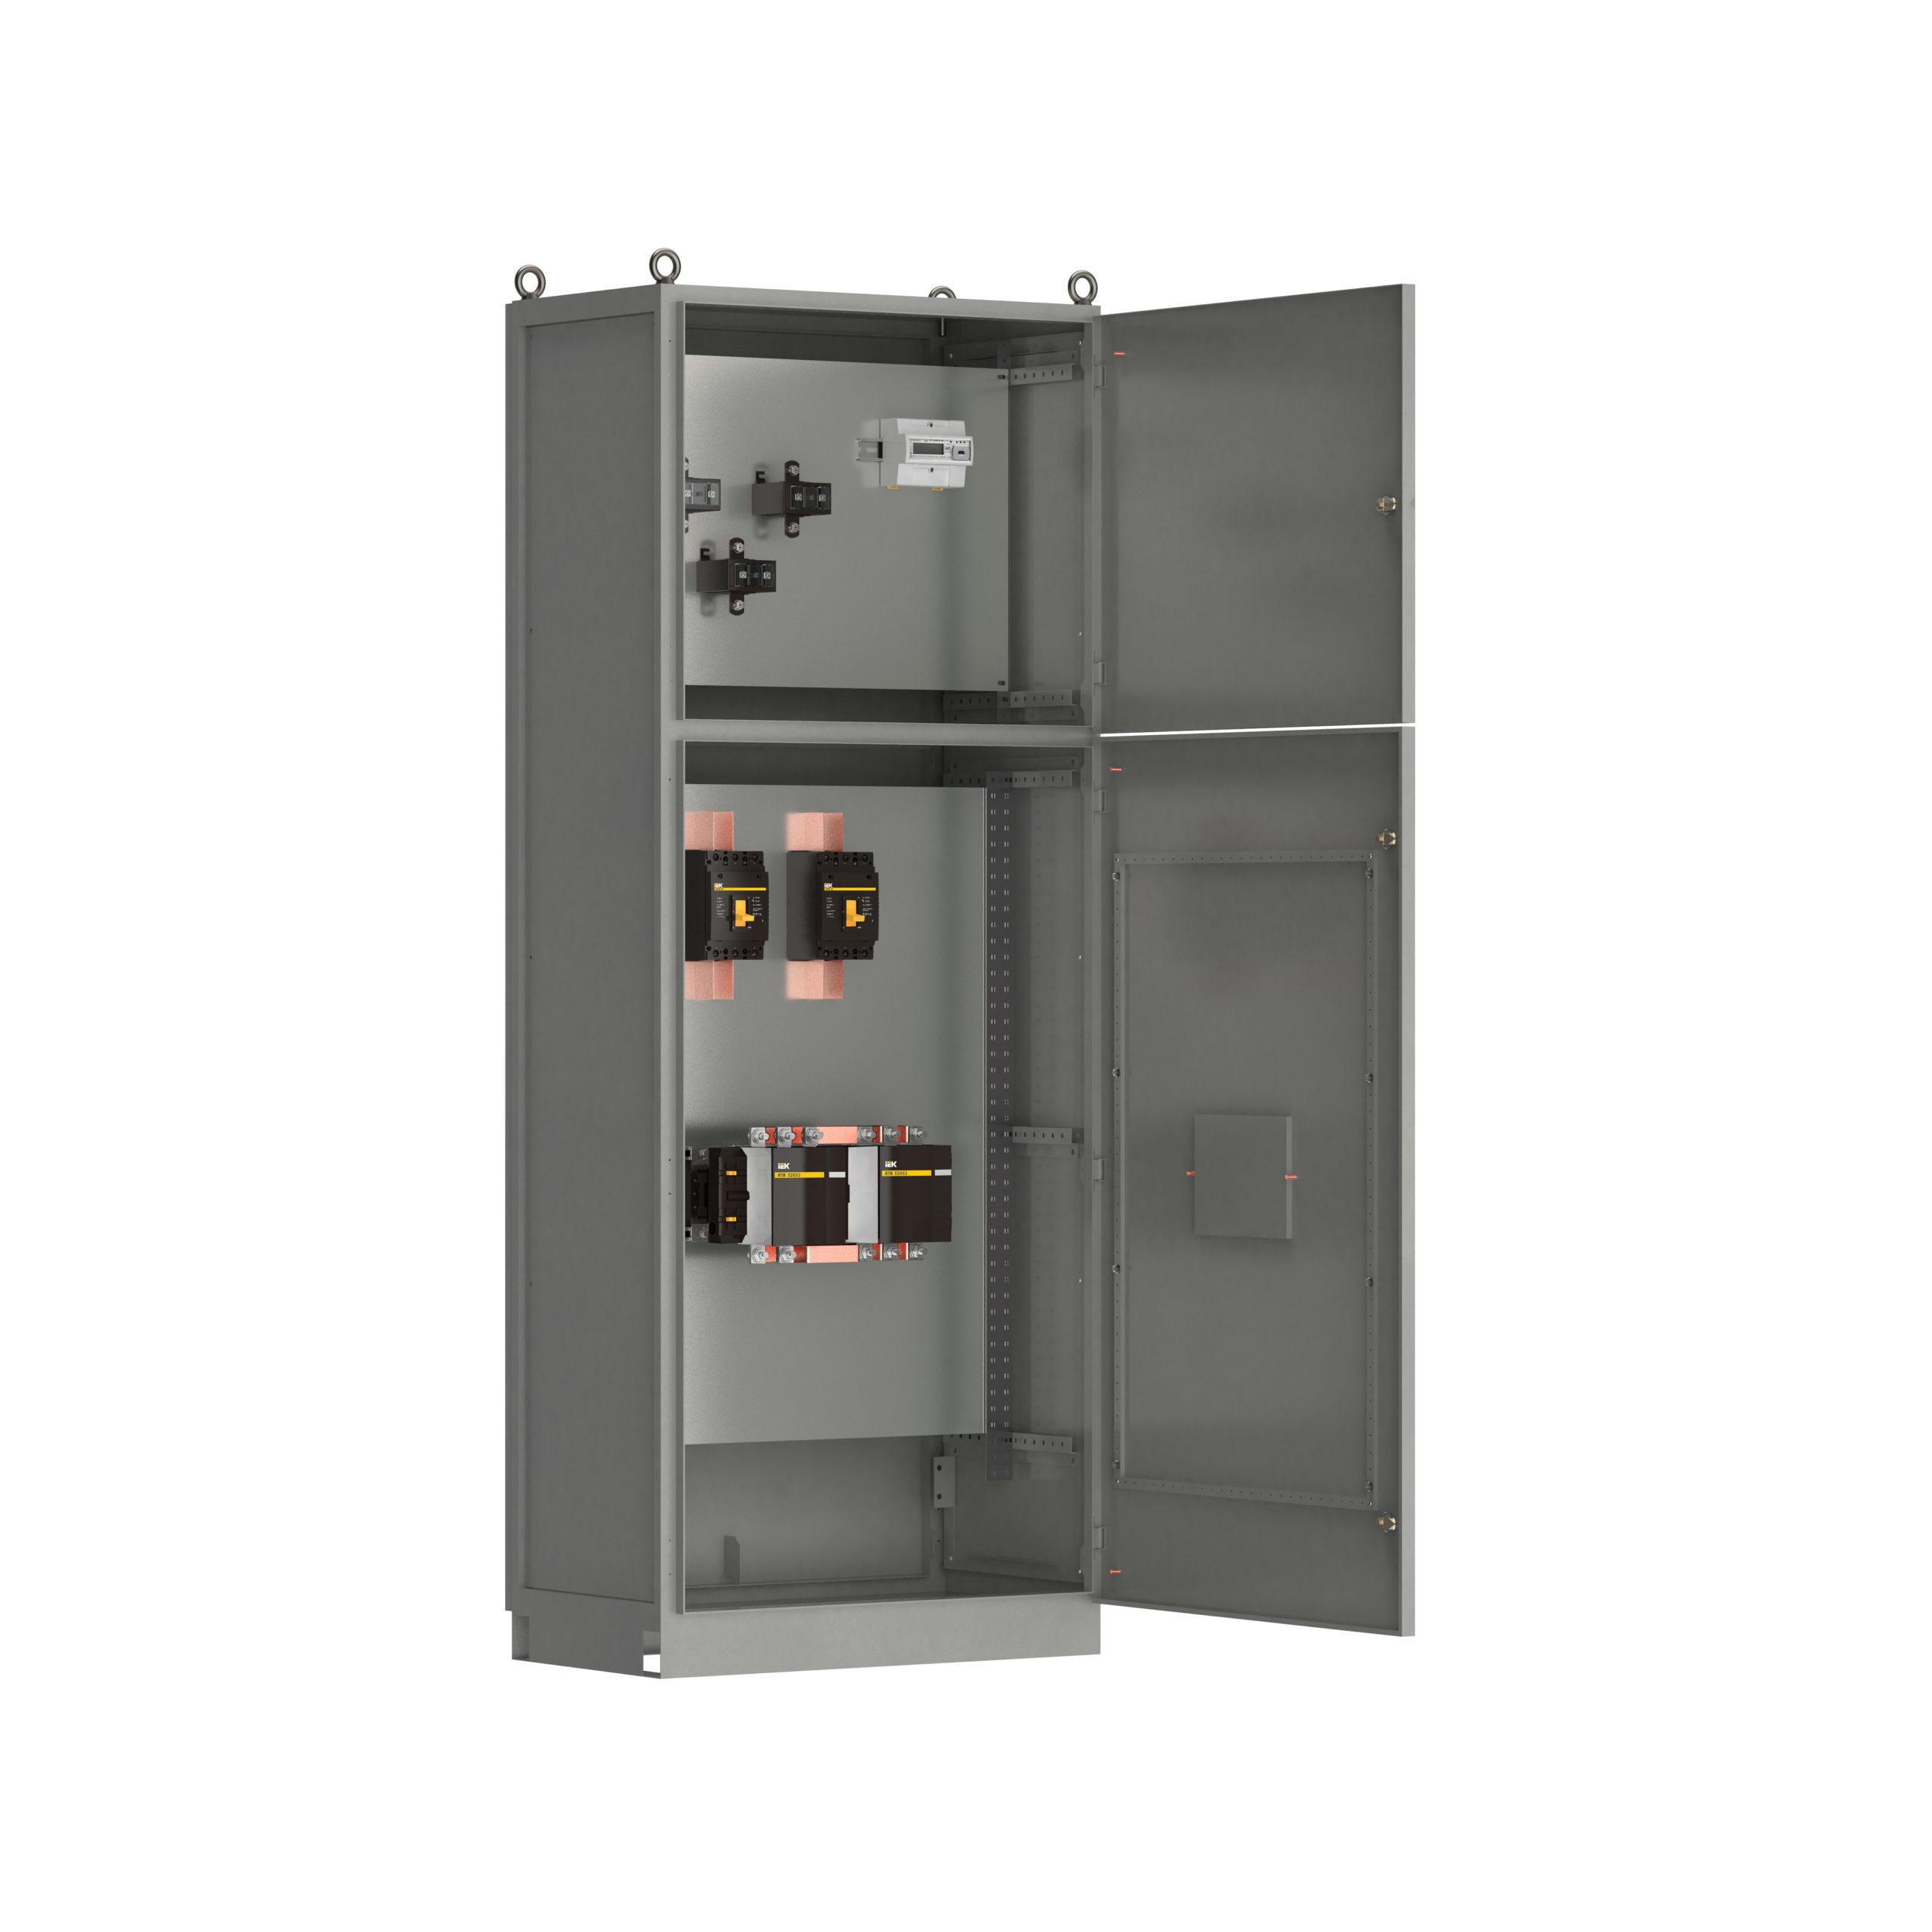 Панель вводная ВРУ-8505 МУ 4ВА-8-25-0-30 выключатели автоматические 3Р 2х250А контактор реверсивный 1х265А и учет IEK